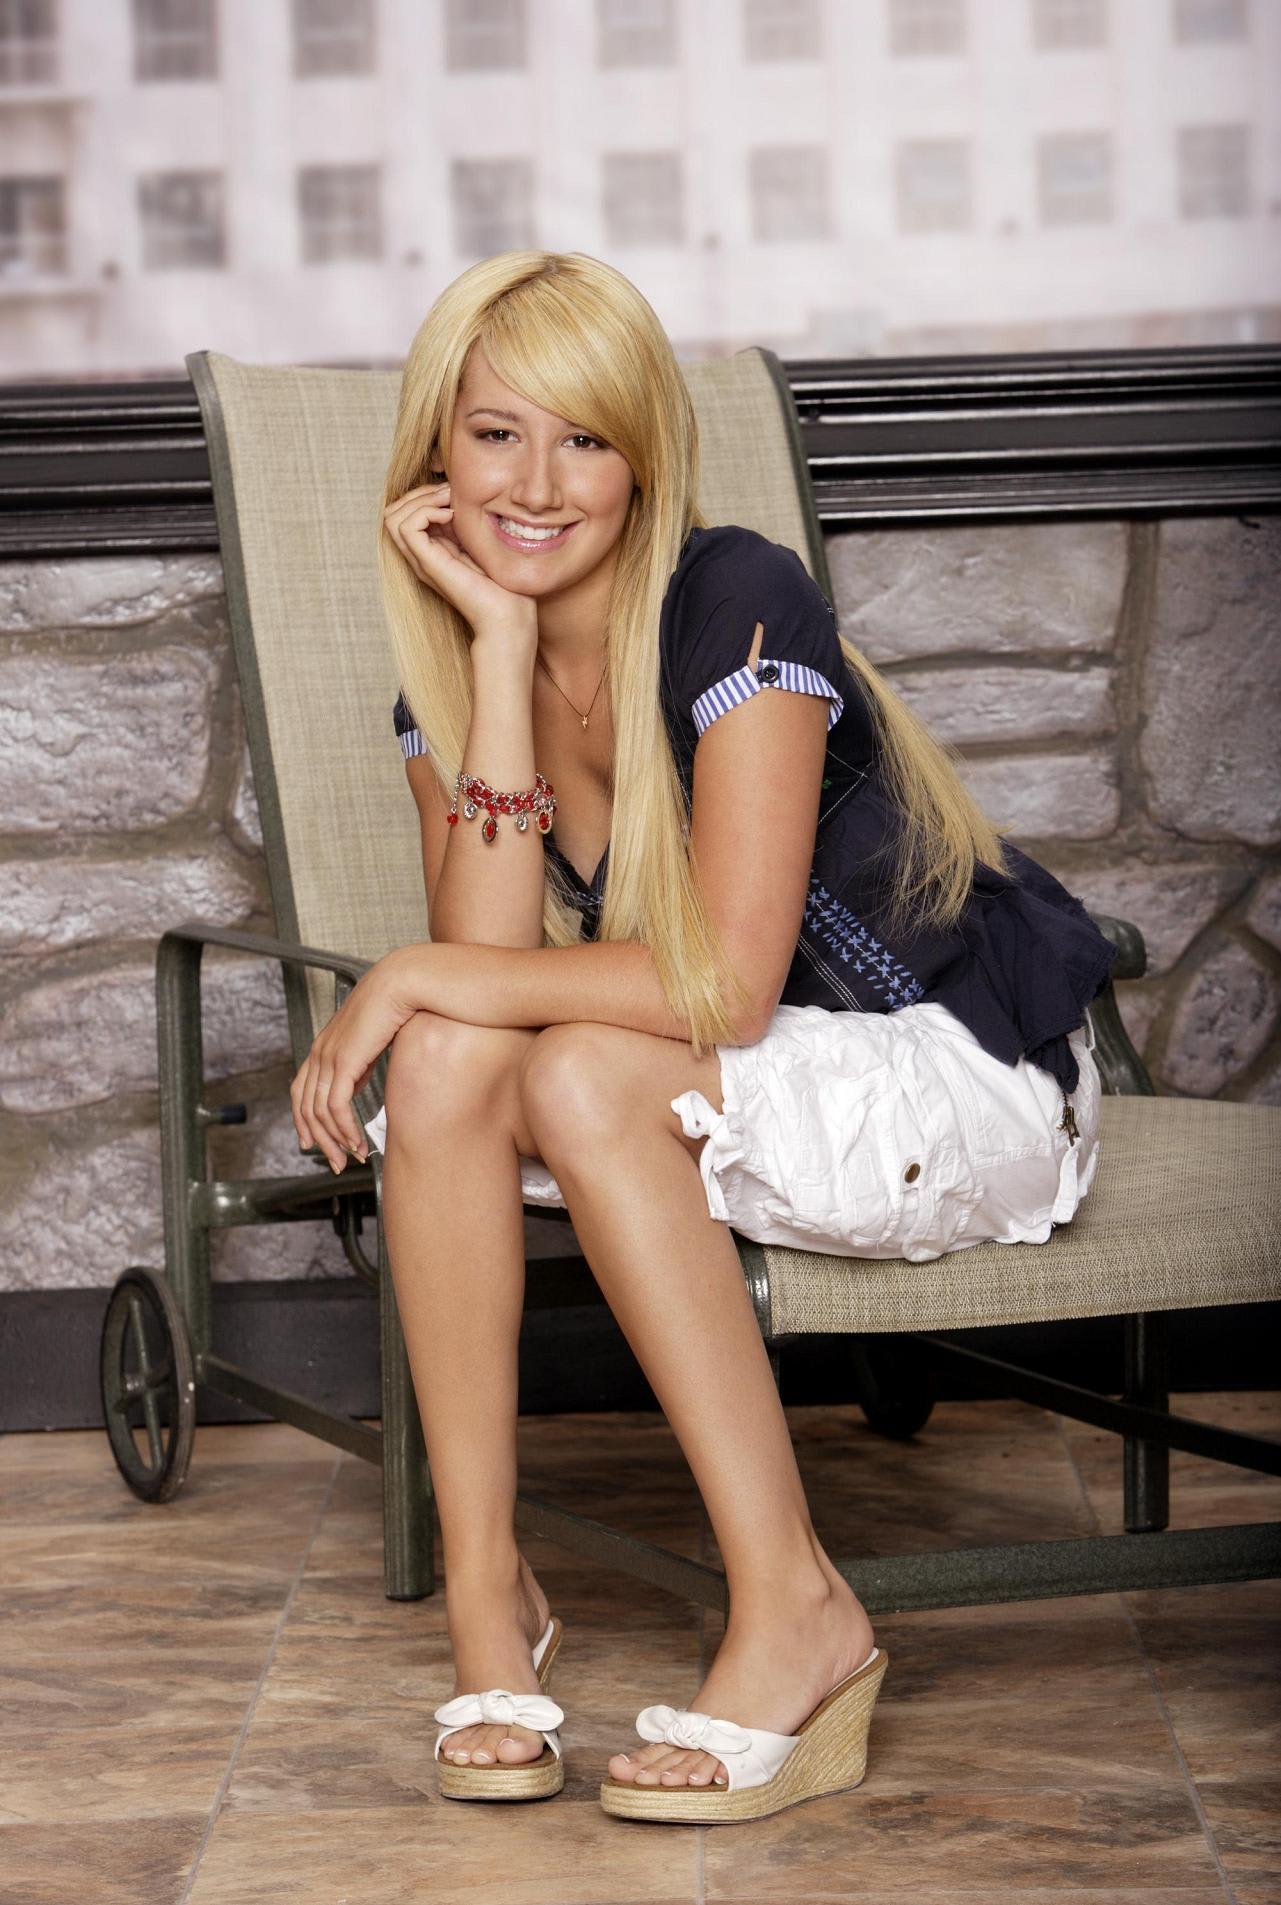 Ashley Tisdale - Suite Life Promos 2 - Favorite -4243